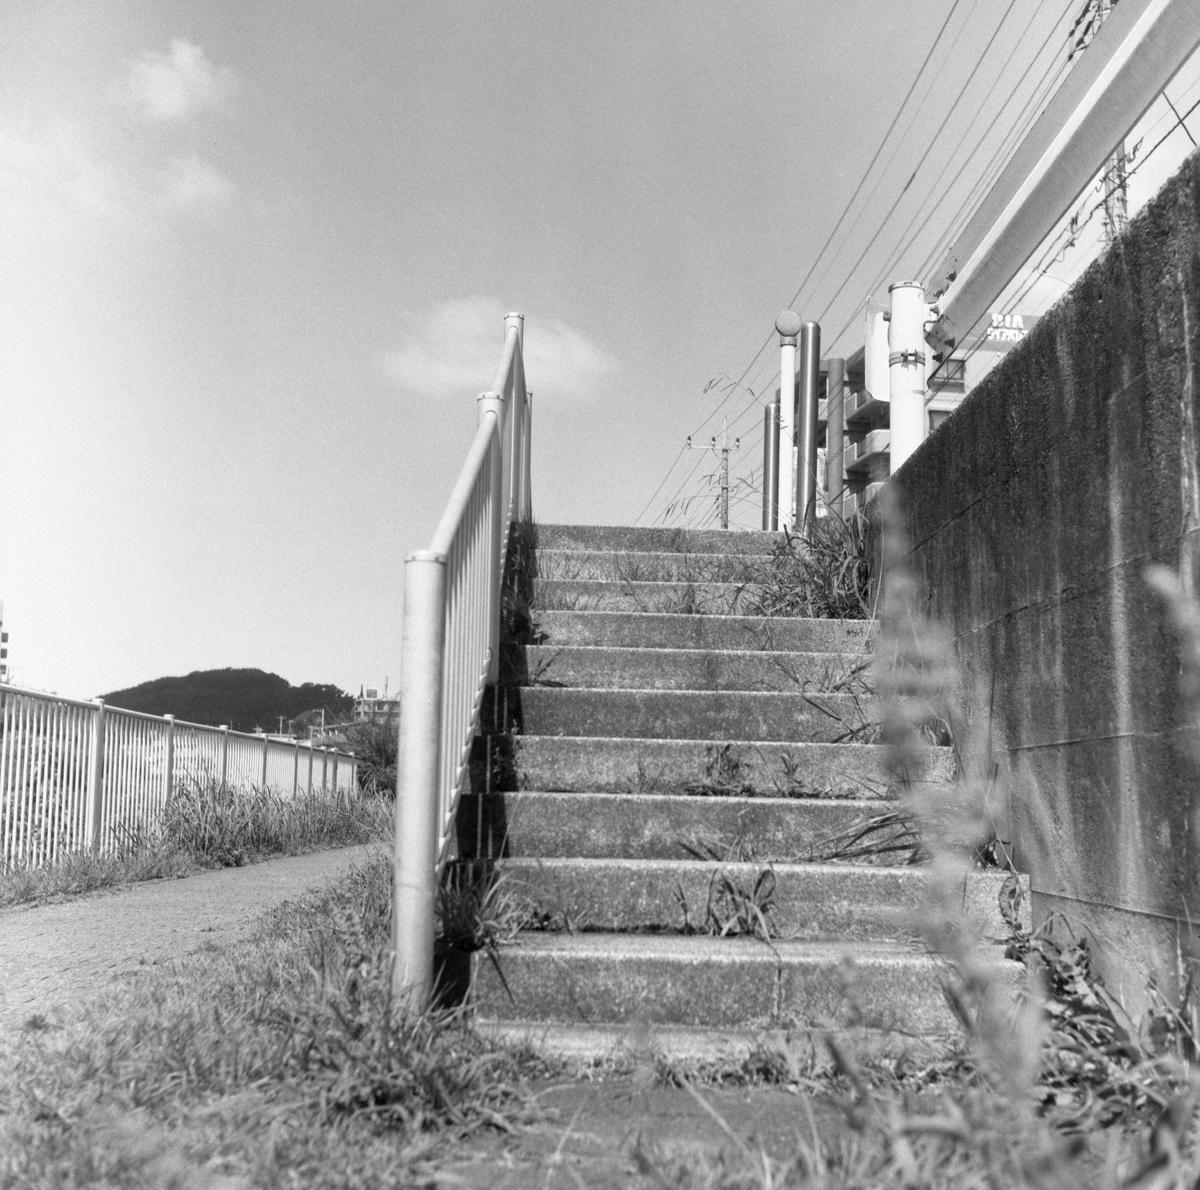 マミヤフレックスIIにて撮影 モノクロ 自家現像